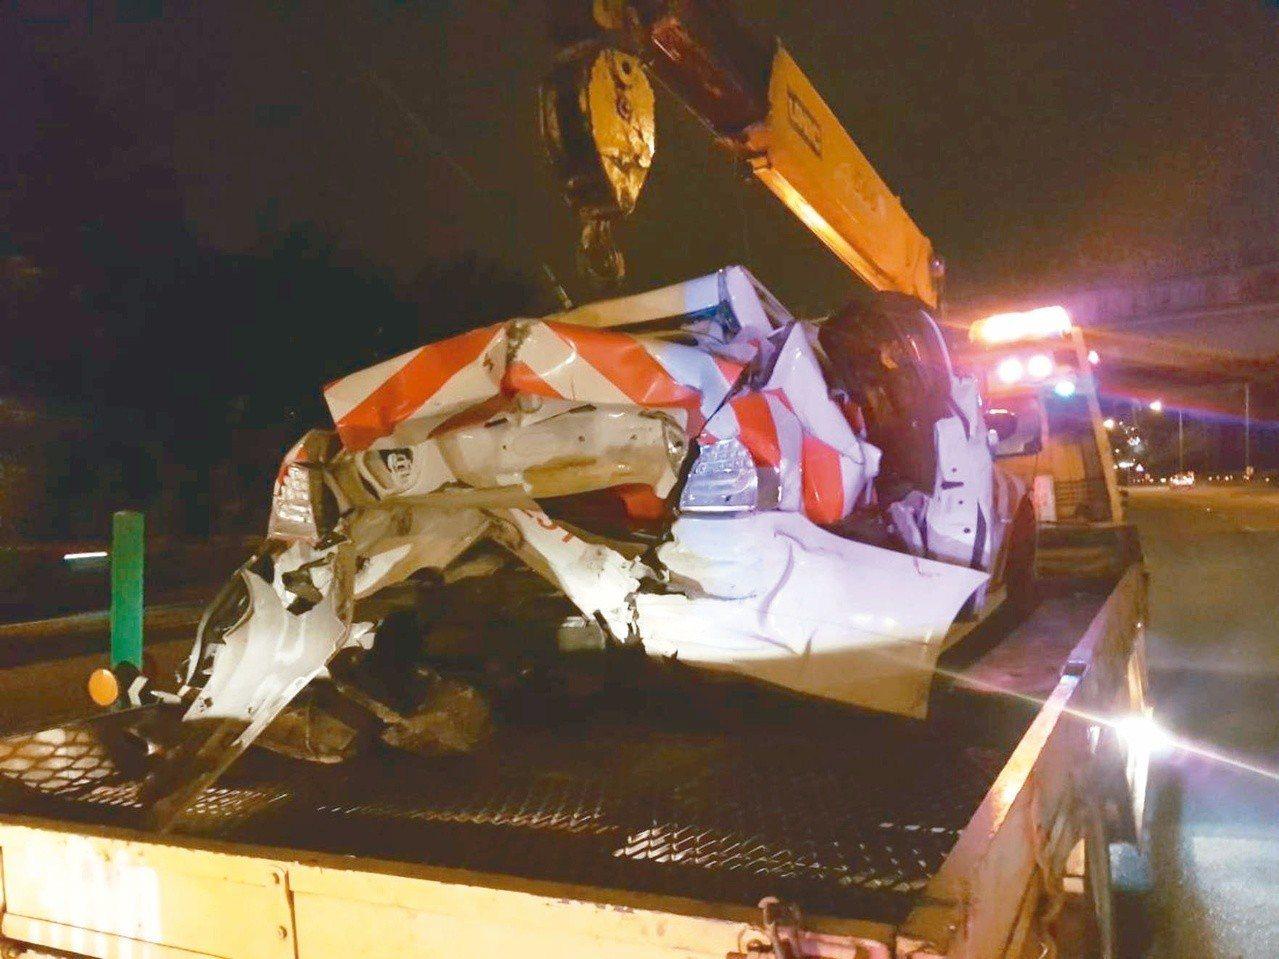 國道警察上周五凌晨在國一南下新竹湖口路段處理一起故障車輛時,遭後方休旅車高速衝撞...